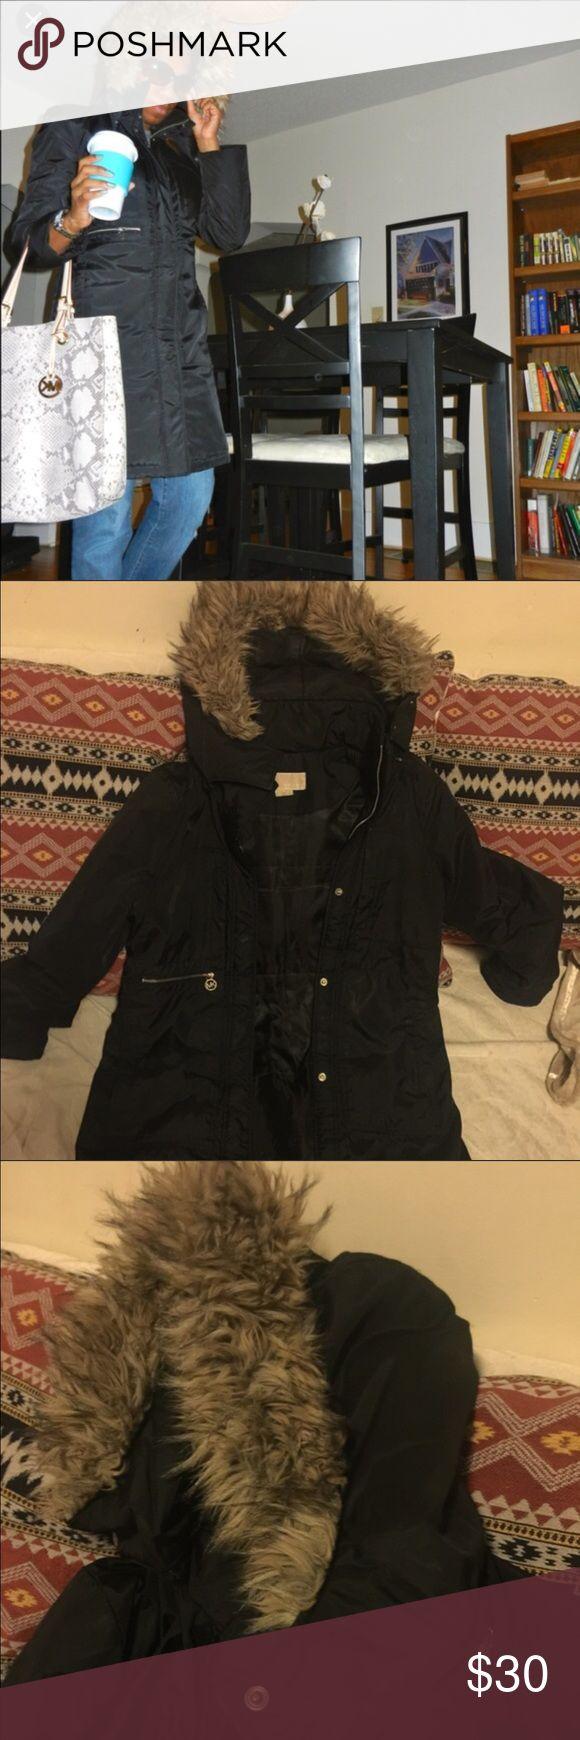 Micheal kors puffer coat Micheal kors puffer. Pay excellent condition! Michael Kors Jackets & Coats Puffers